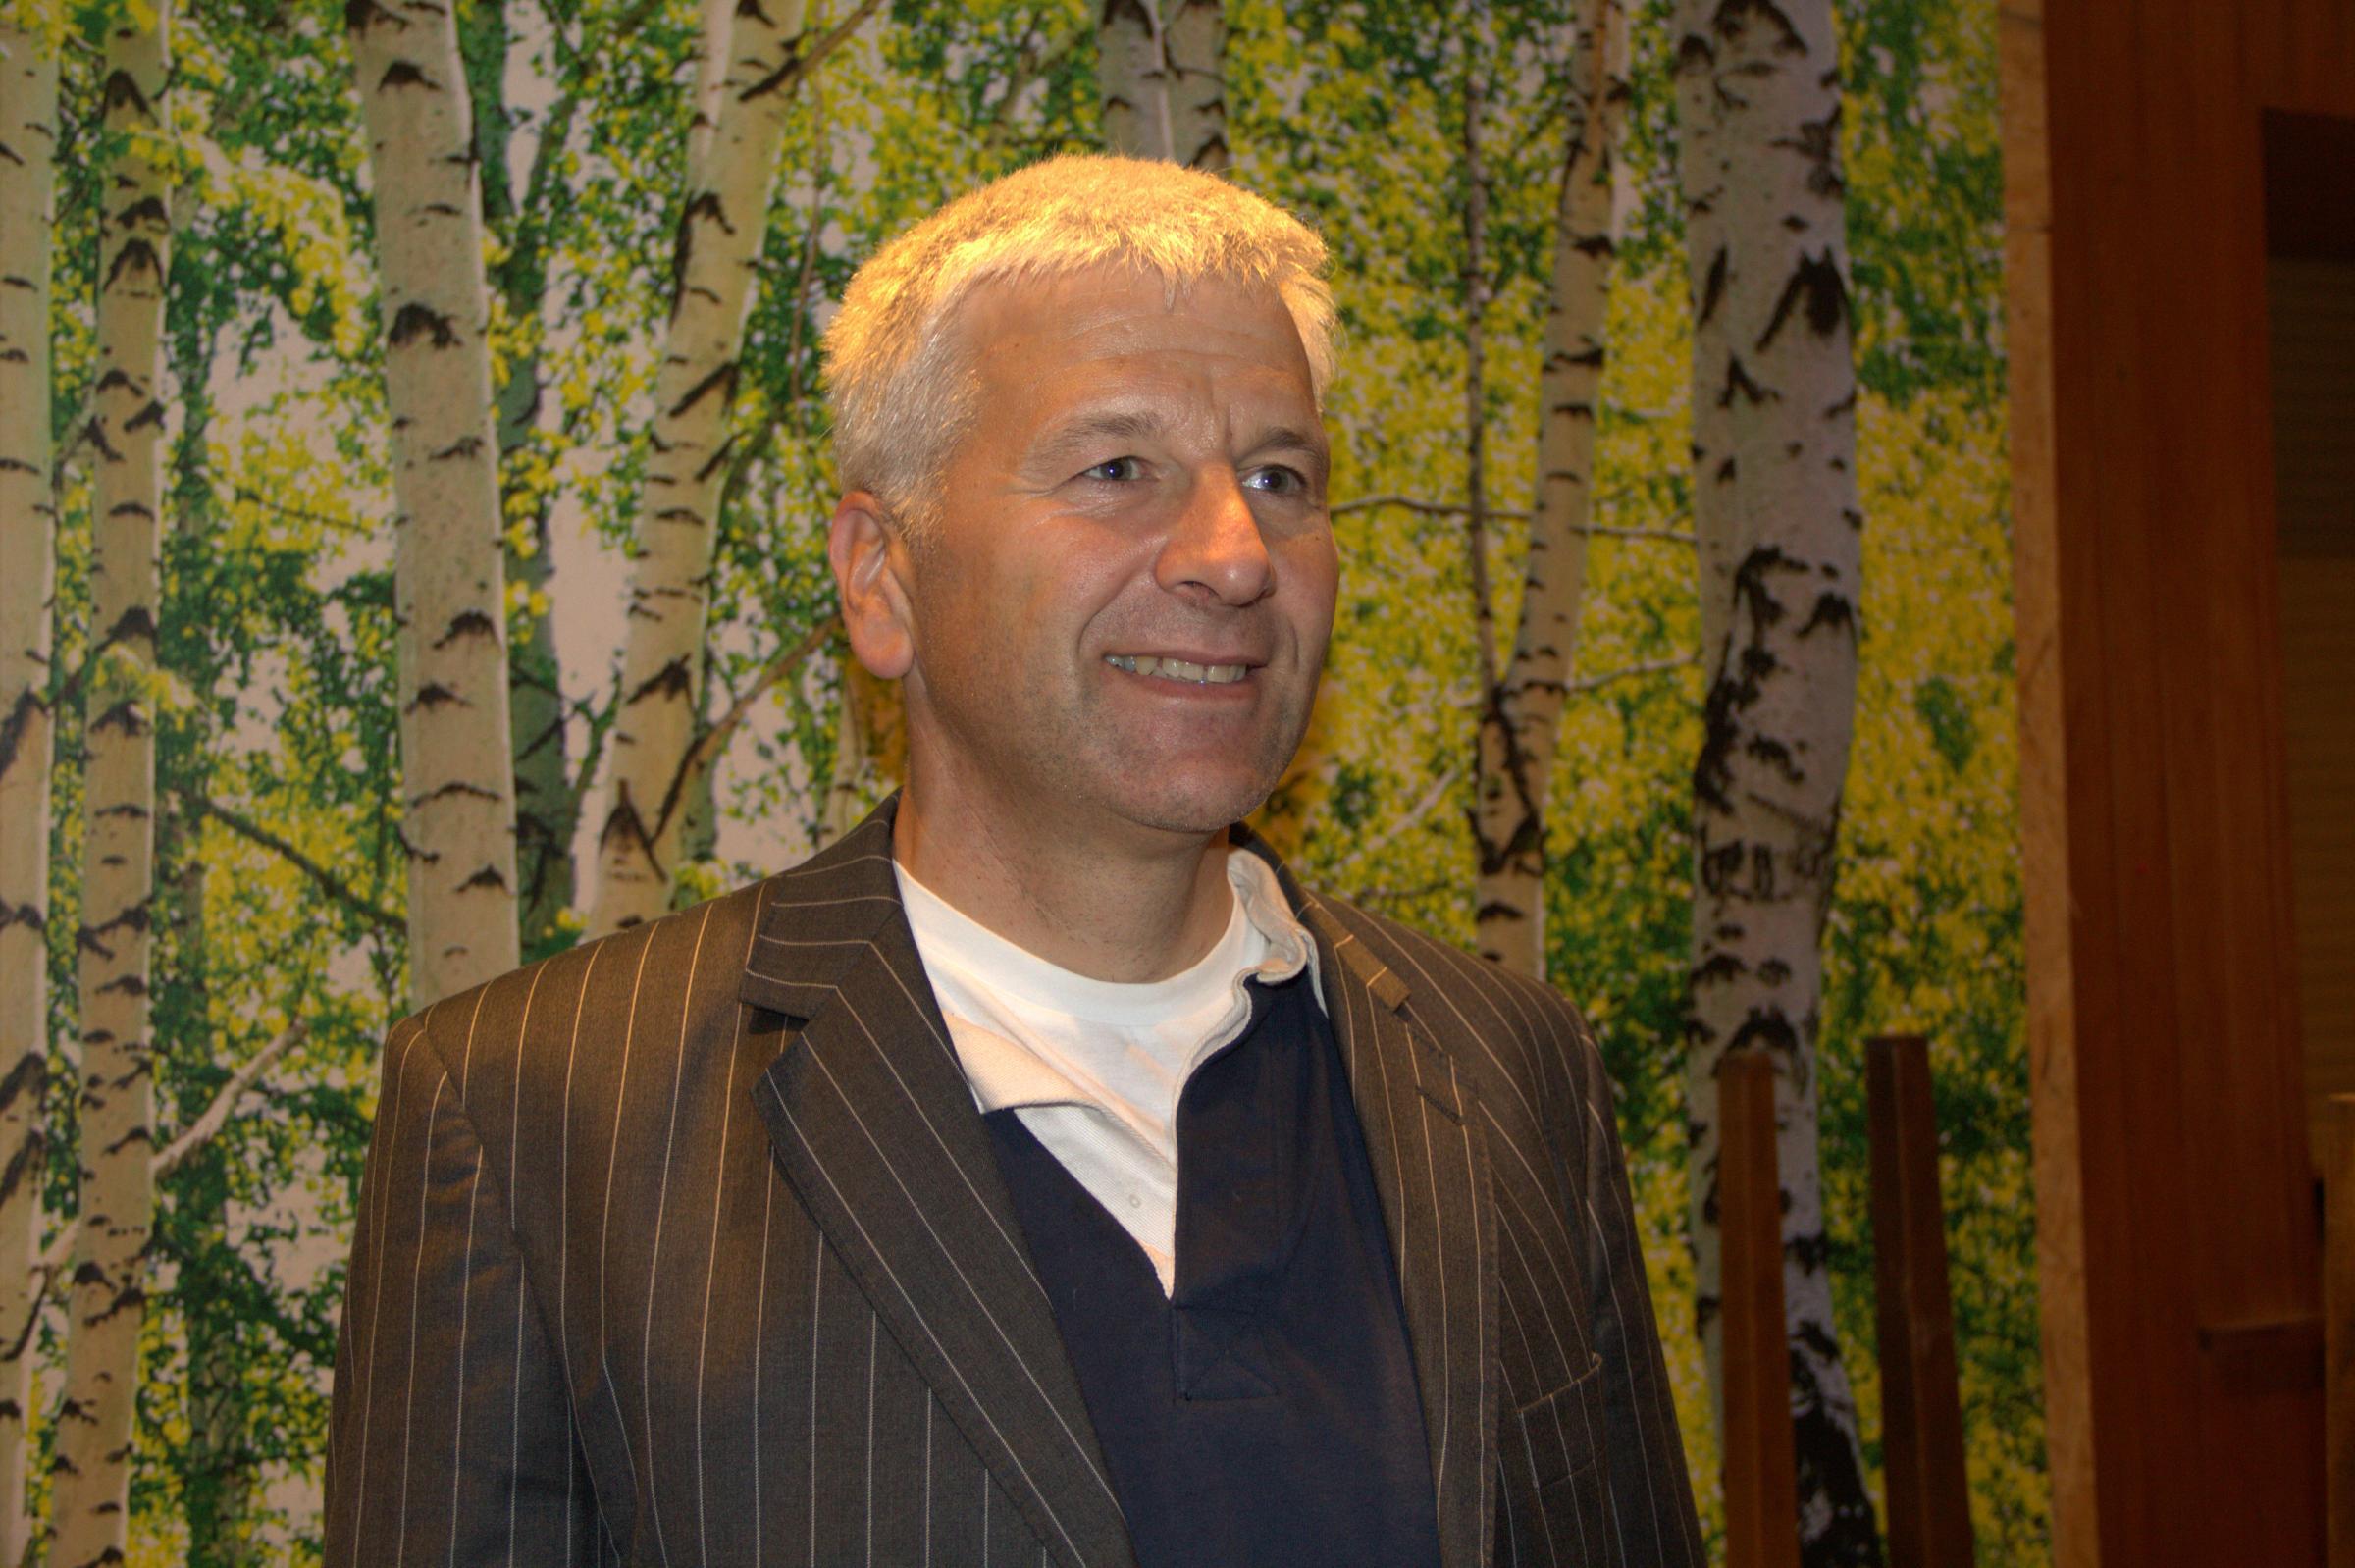 Olaf Hinrichs